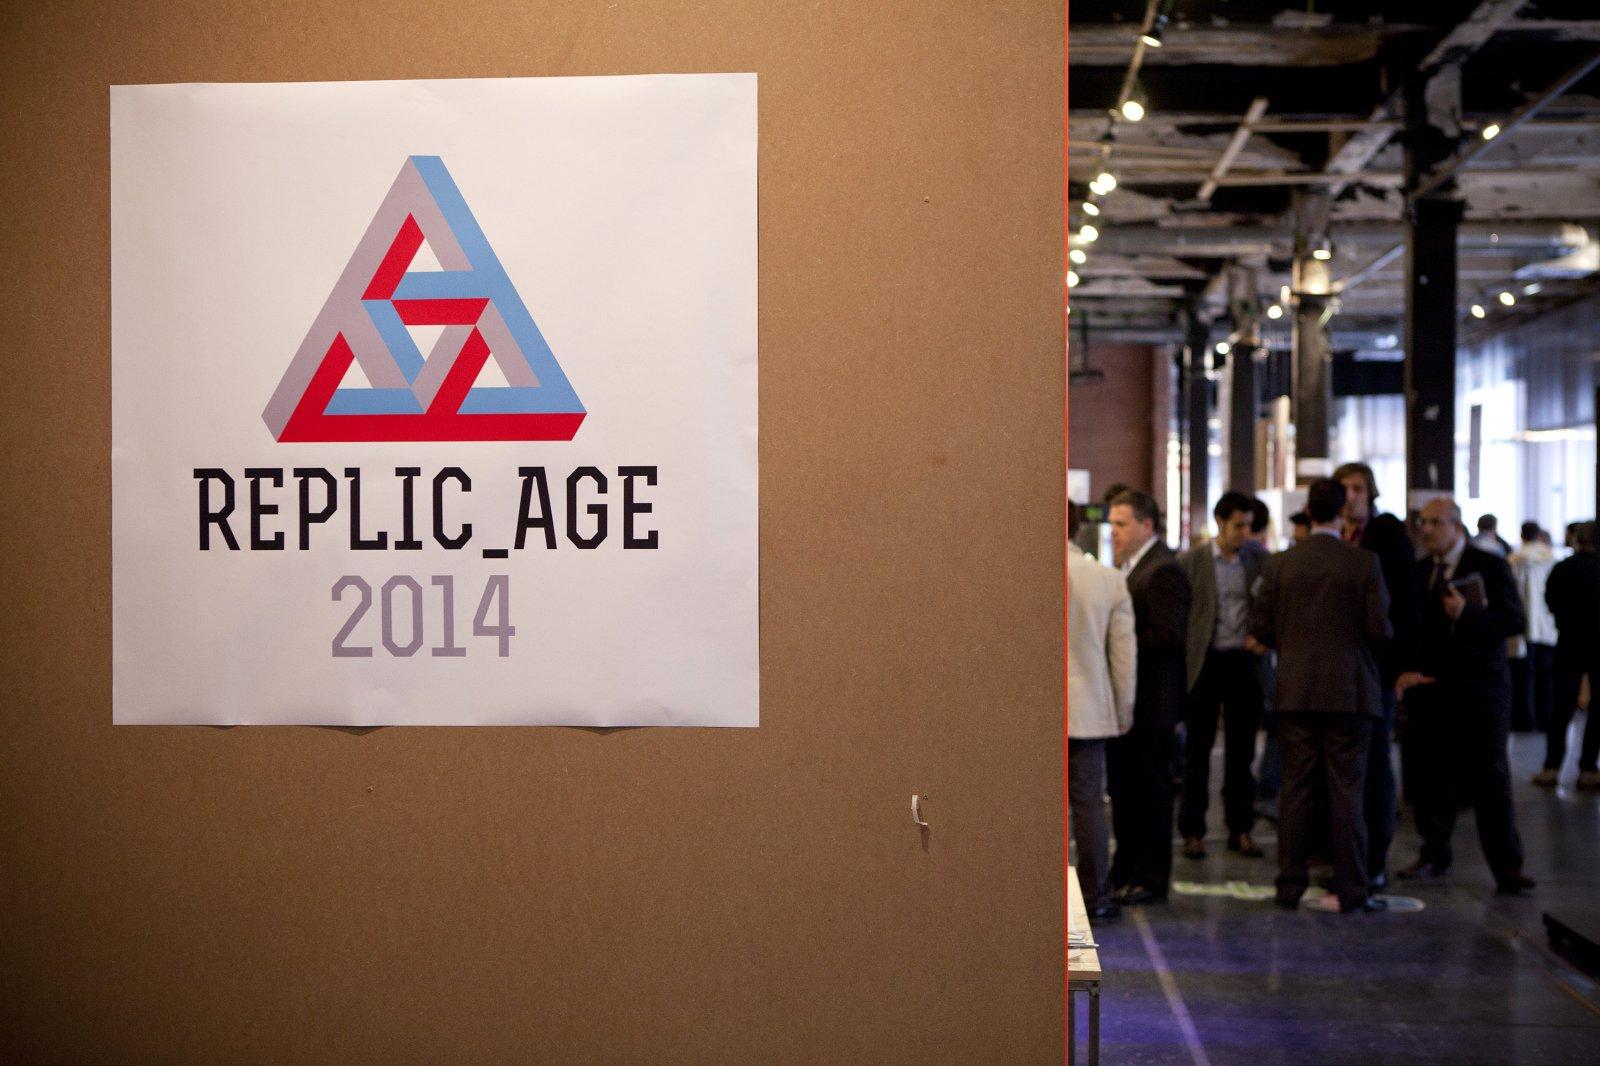 Entrada a Replic_age en Central del Diseño. Matadero Madrid